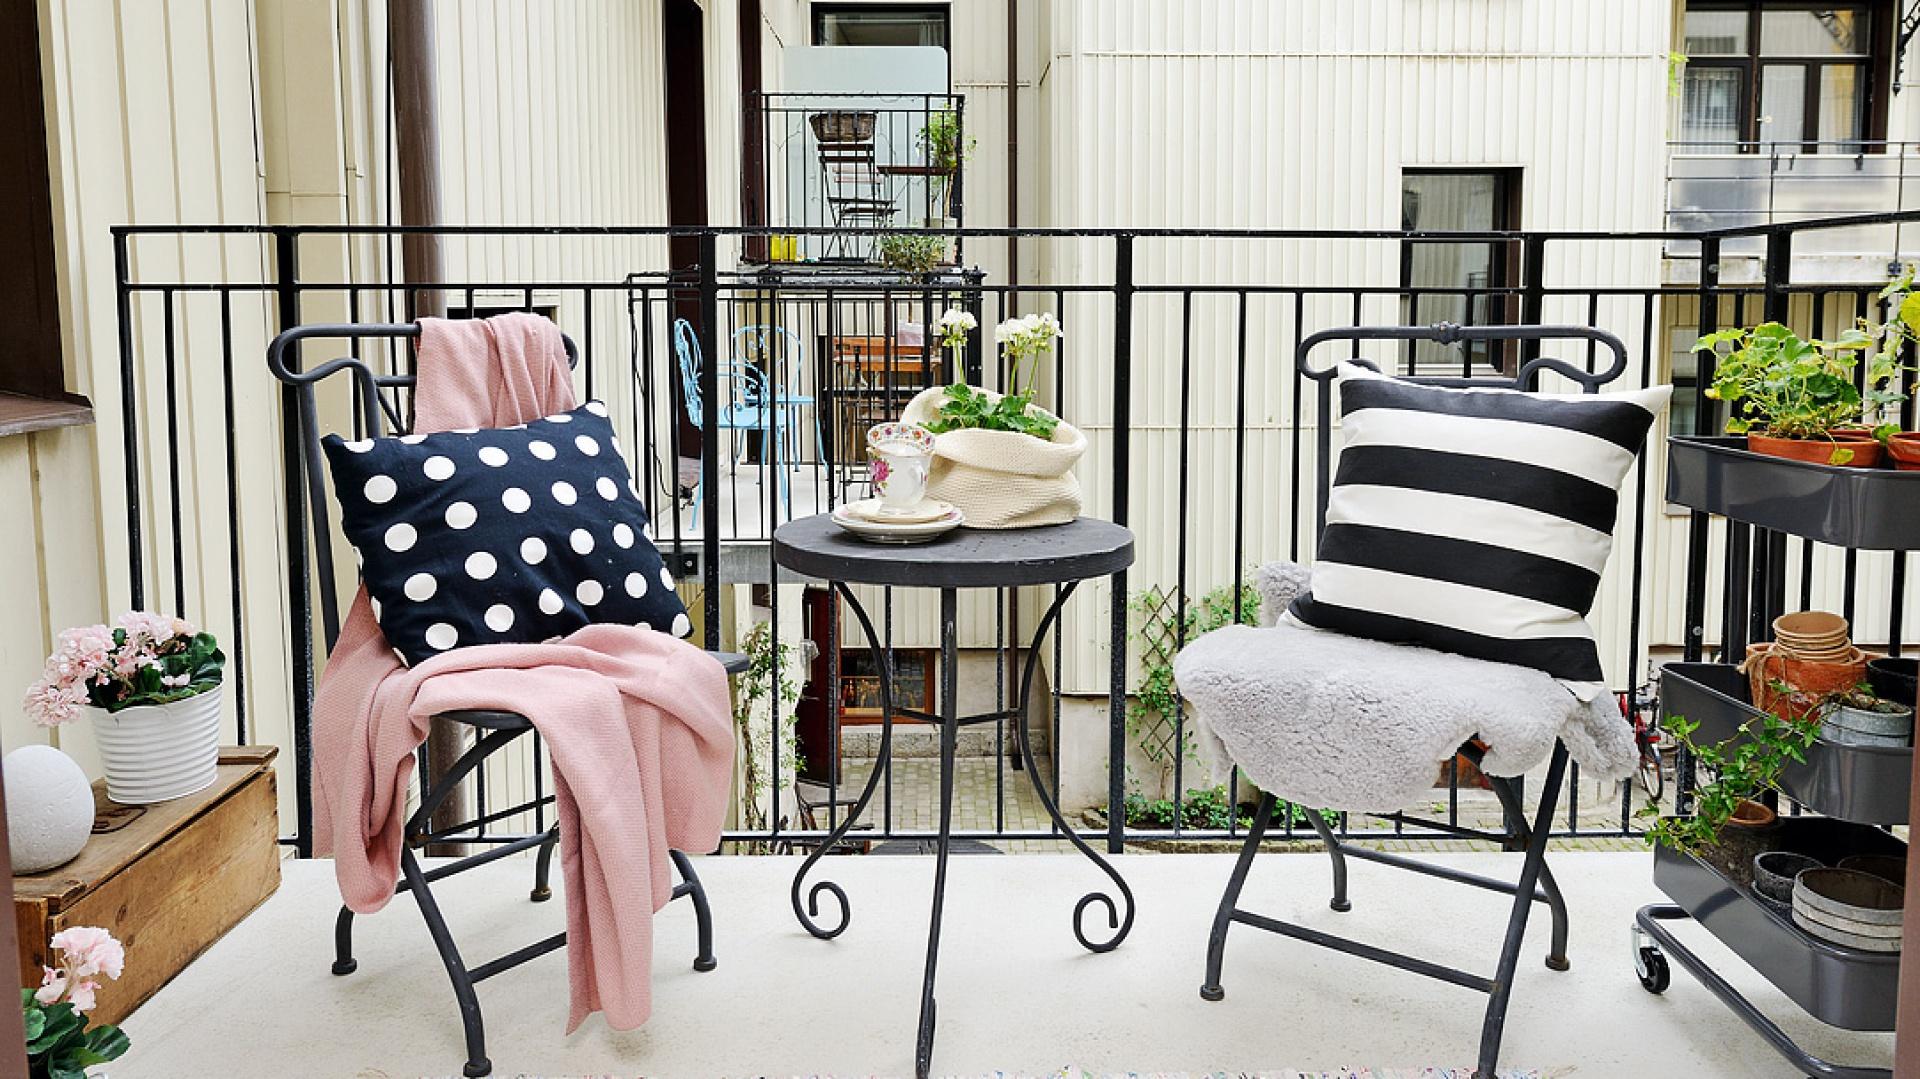 Czarny, kuty stolik z dekoracyjnym wykończeniem stanowi ozdobę tarasu. Meble oraz balustrada tworzą przyjemny kontrast z jasną podłogą i jasnymi ścianami elewacji. Fot. Alvhem Makleri.